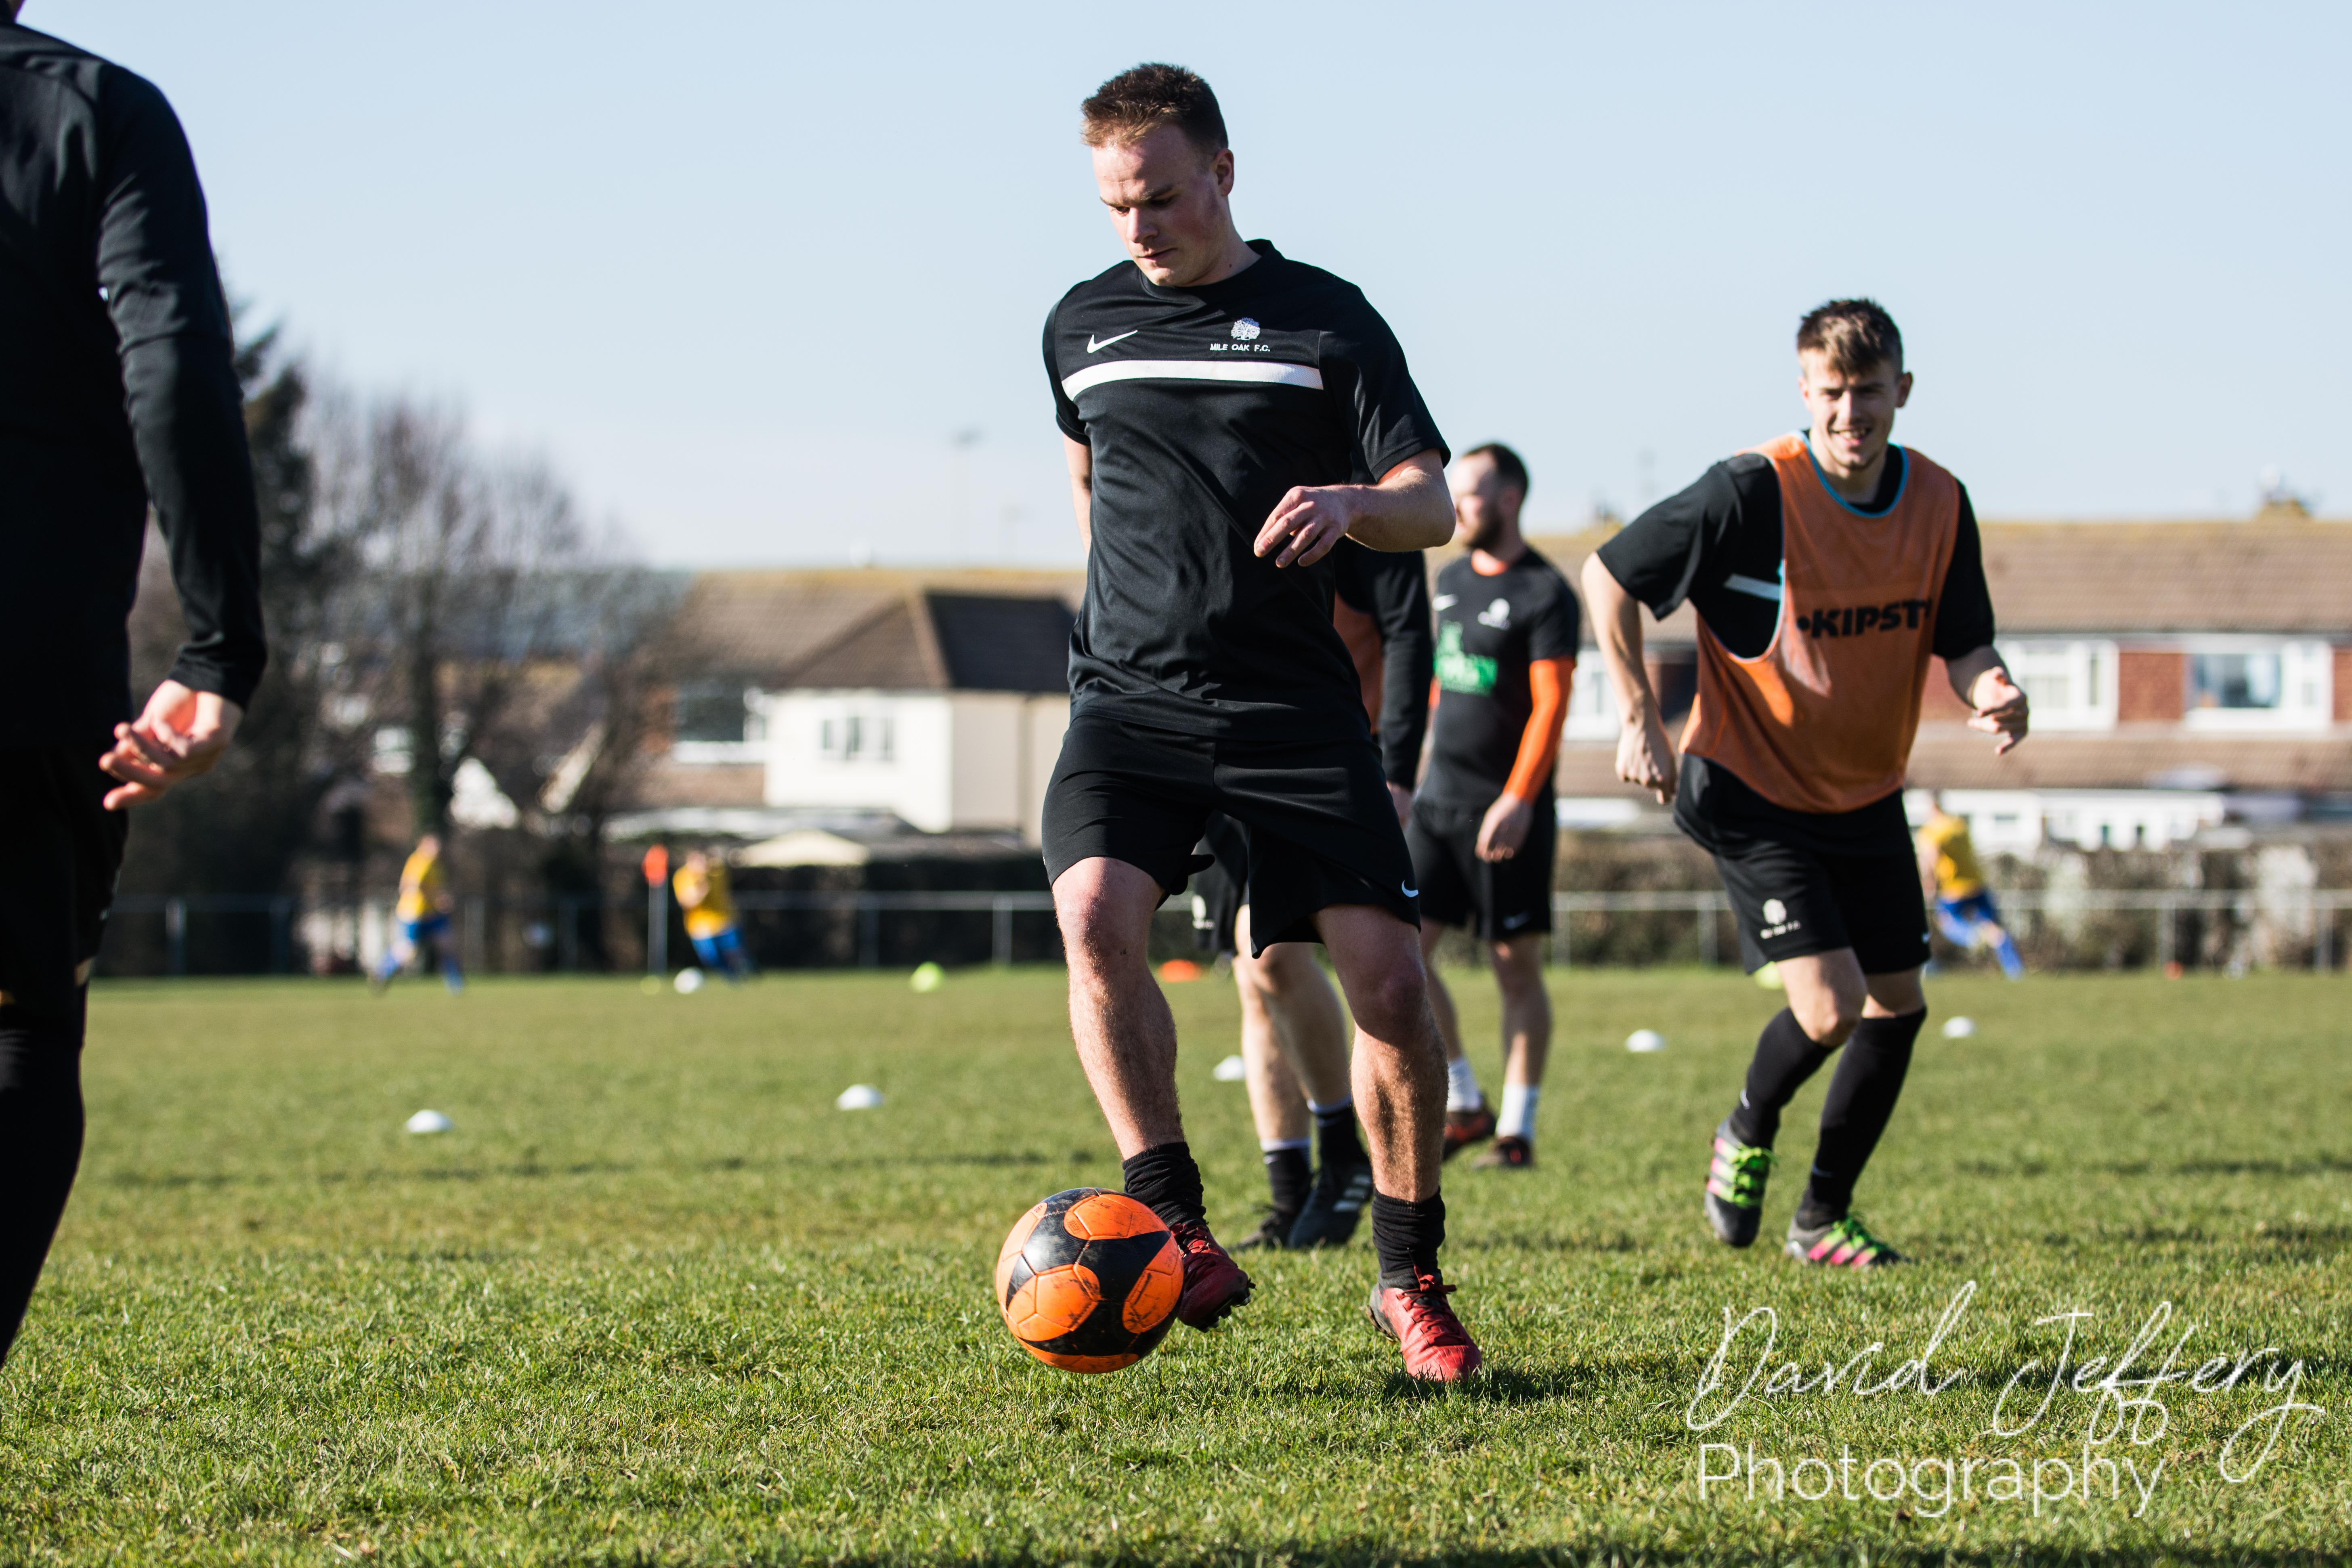 DAVID_JEFFERY MOFC vs Storrington 004